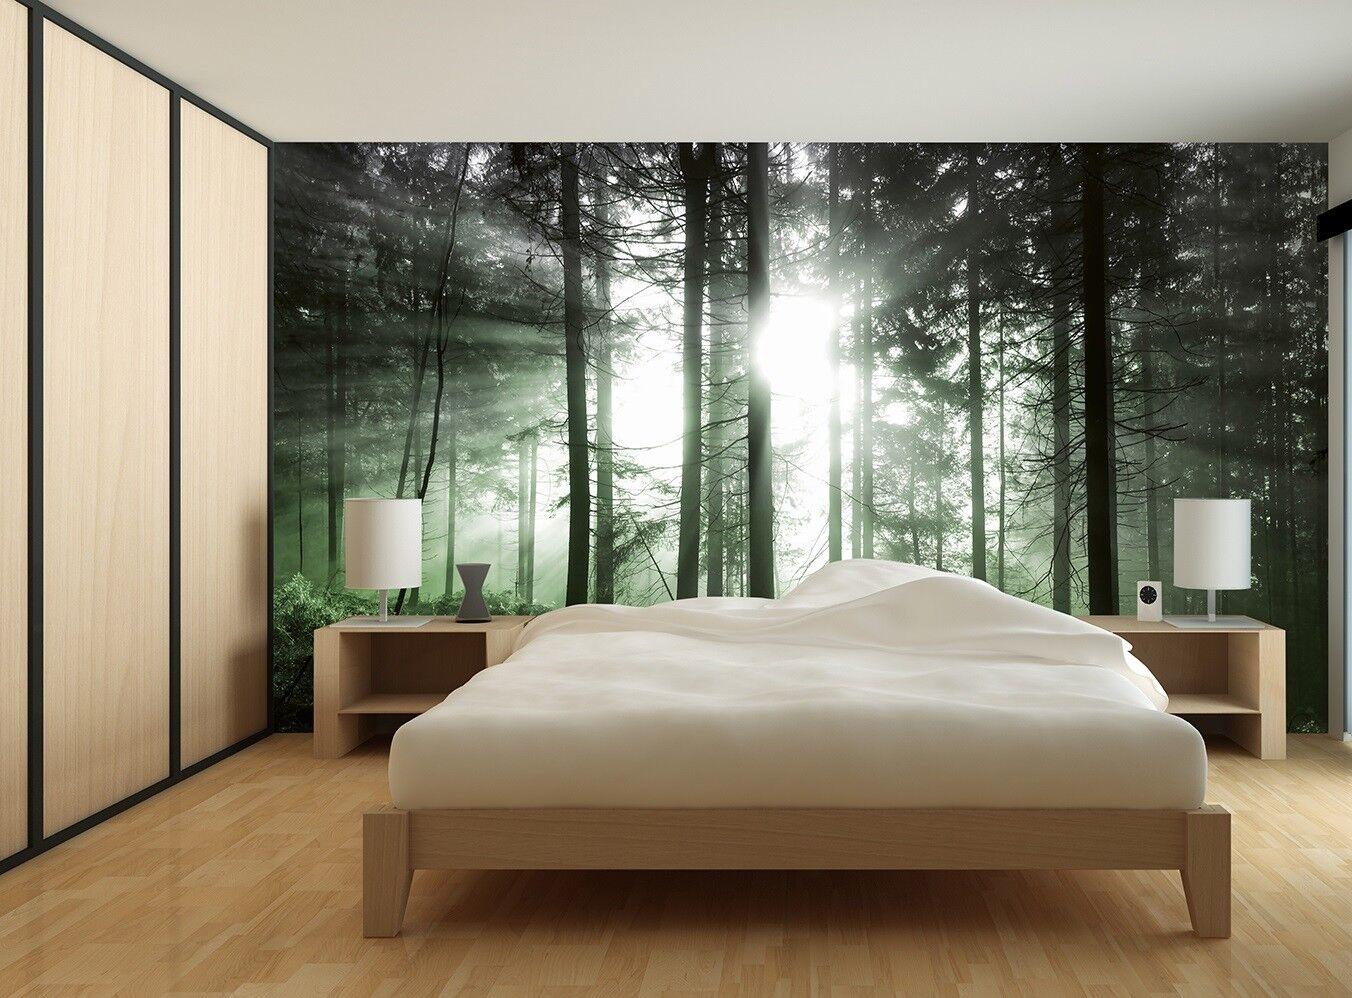 366x254cm Foto Wandtapete Wandgemälde Sonne Strahlen Wald Dekoration grün Kunst